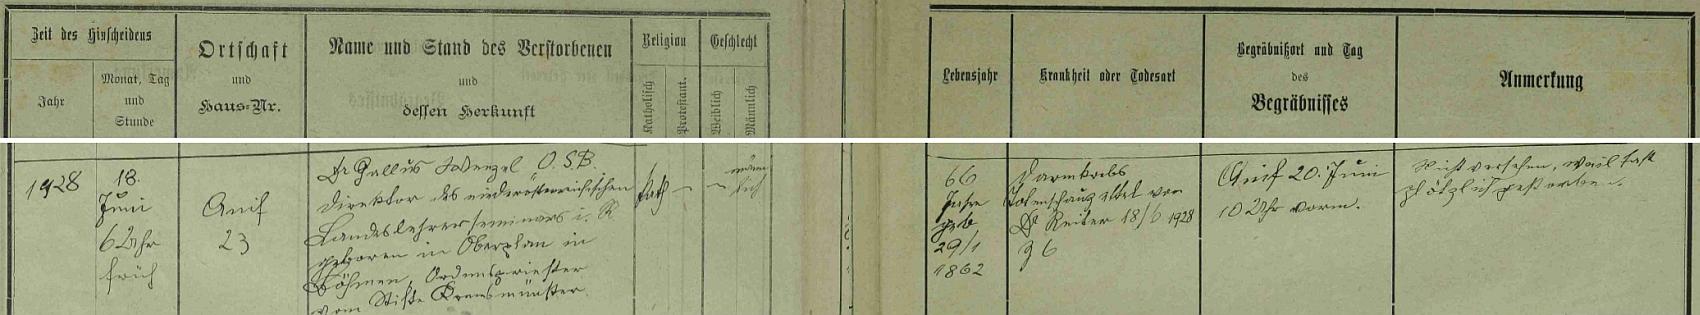 Záznam o jeho úmrtí v knize zemřelých farní obce Anif